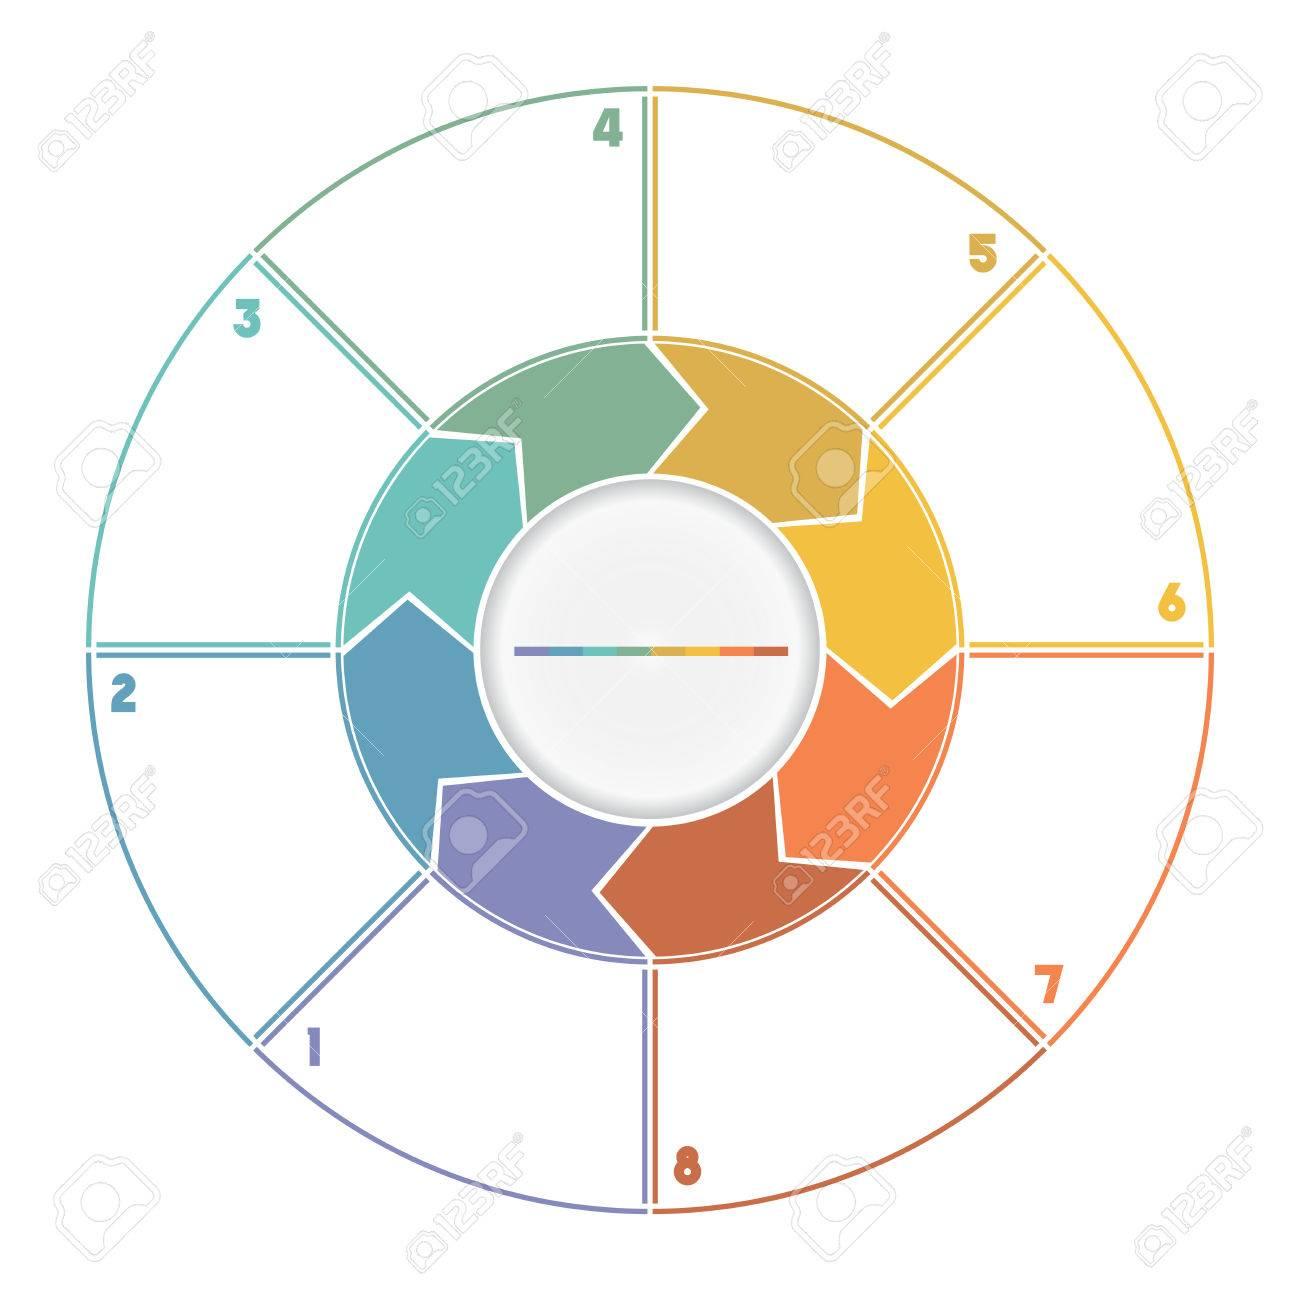 8 位番号が arrows template 循環プロセスからインフォ グラフィック